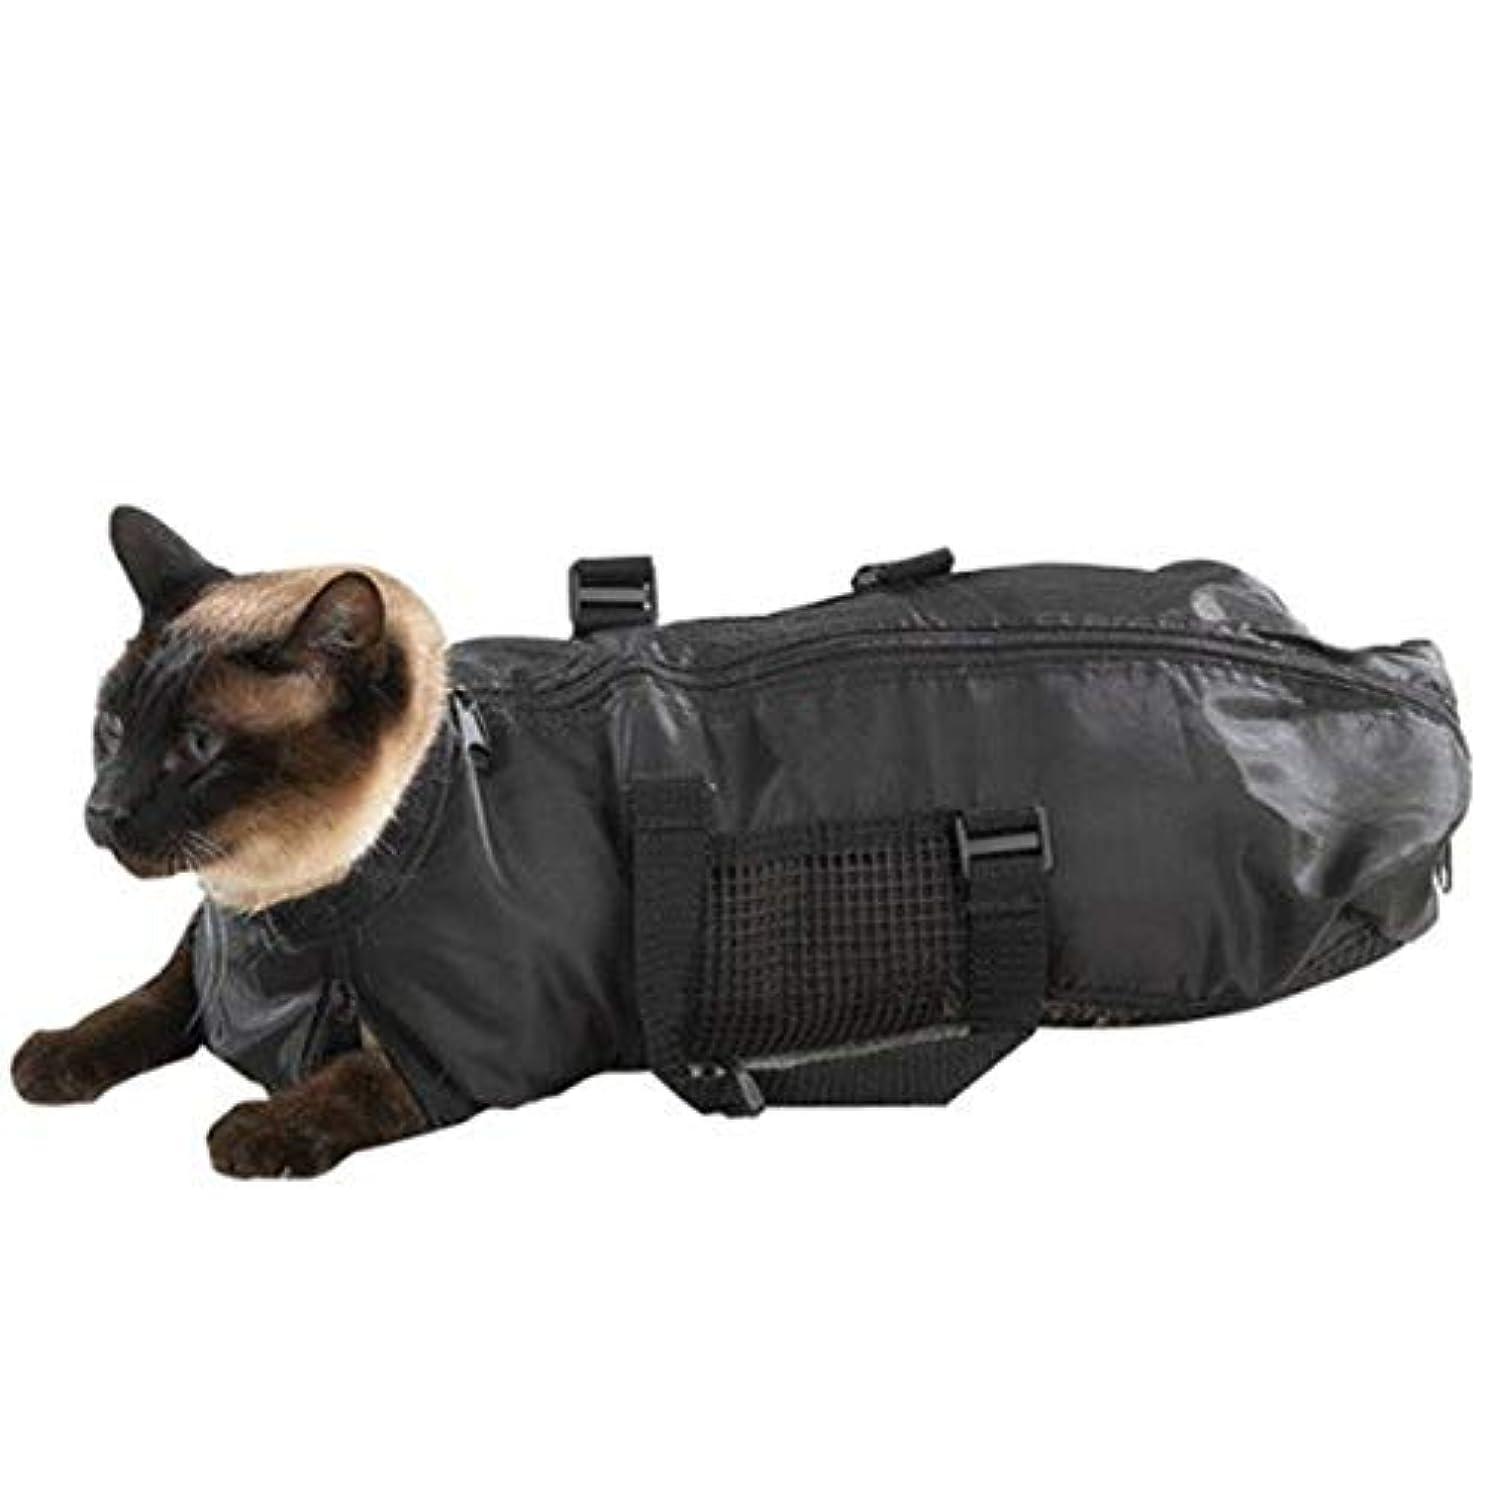 Saikogoods ネイルクリッピングお風呂のための猫グルーミングバッグ 耐久性に優れ ノースクラッチ 噛み拘束 多彩なバッグ ペットサプライ 黒